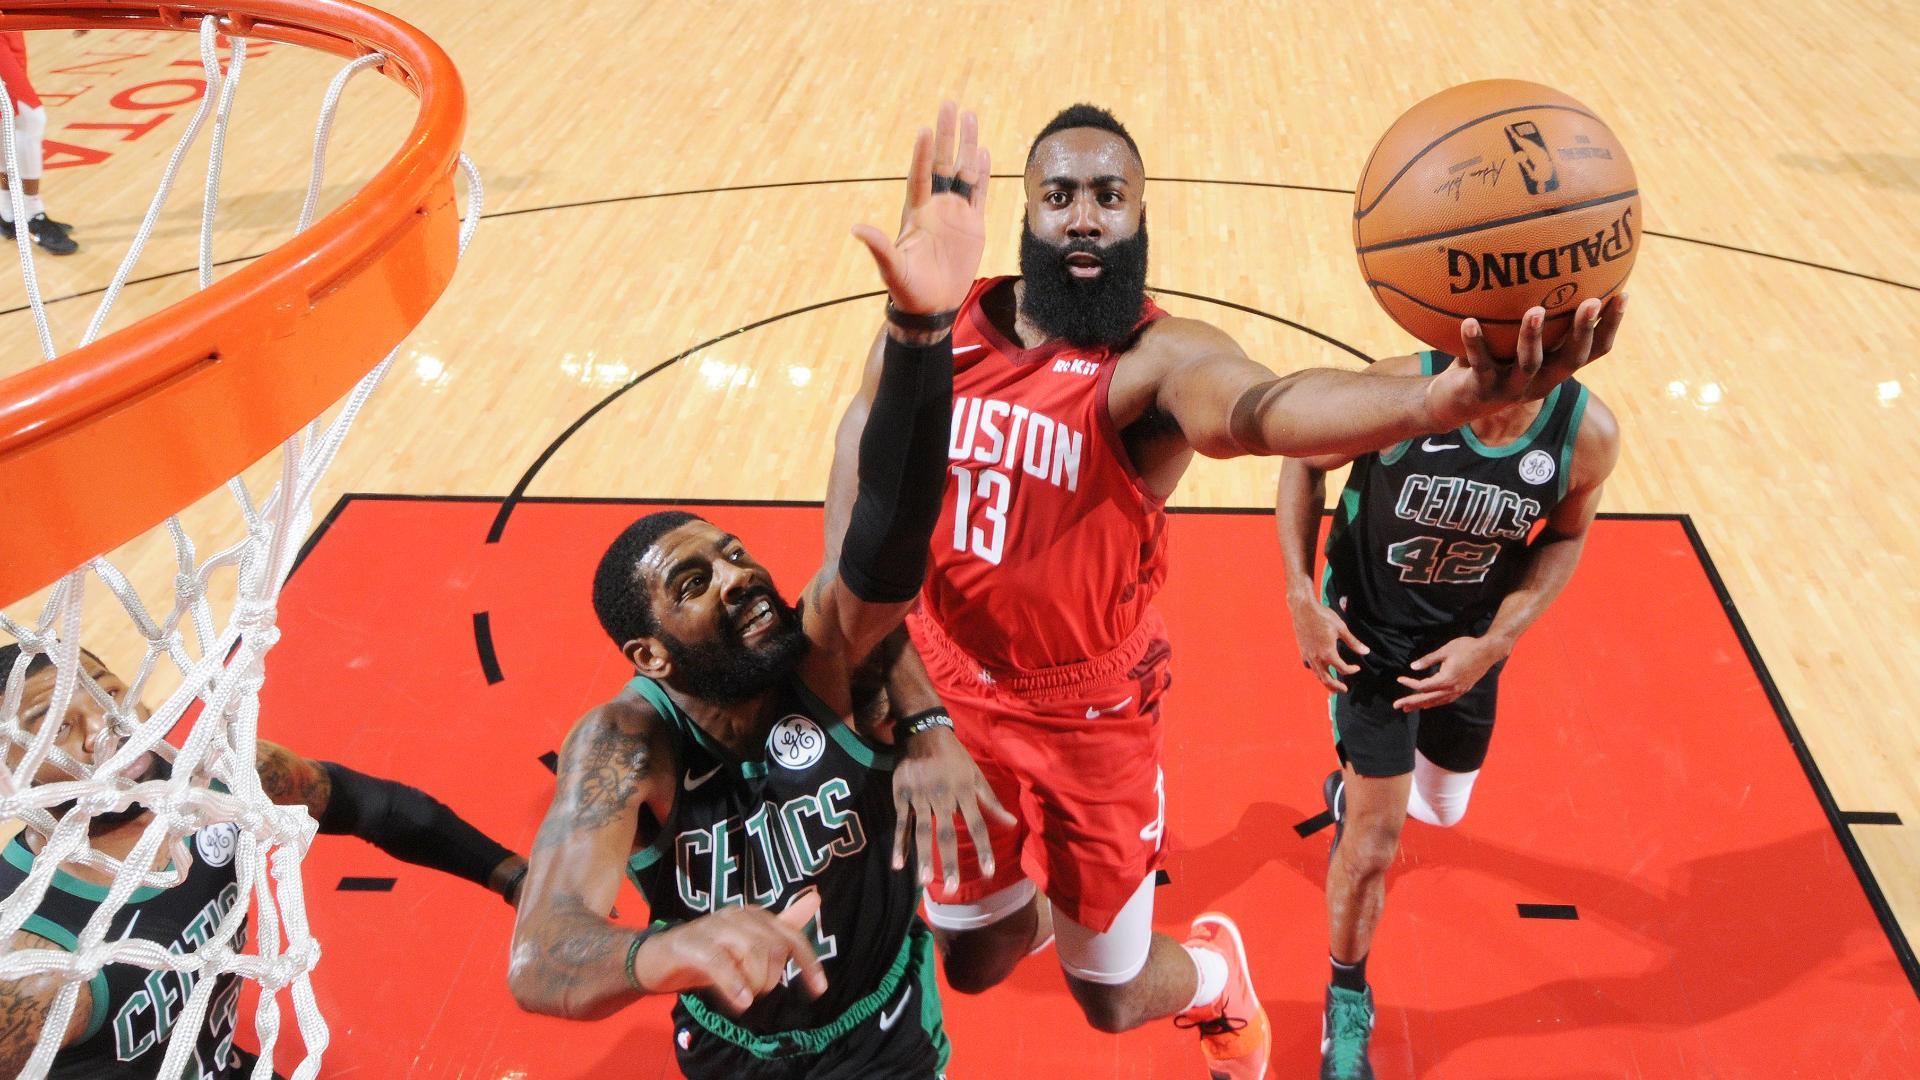 baf7b5b63408 Harden s 45 lead Rockets in 127-113 win over Celtics